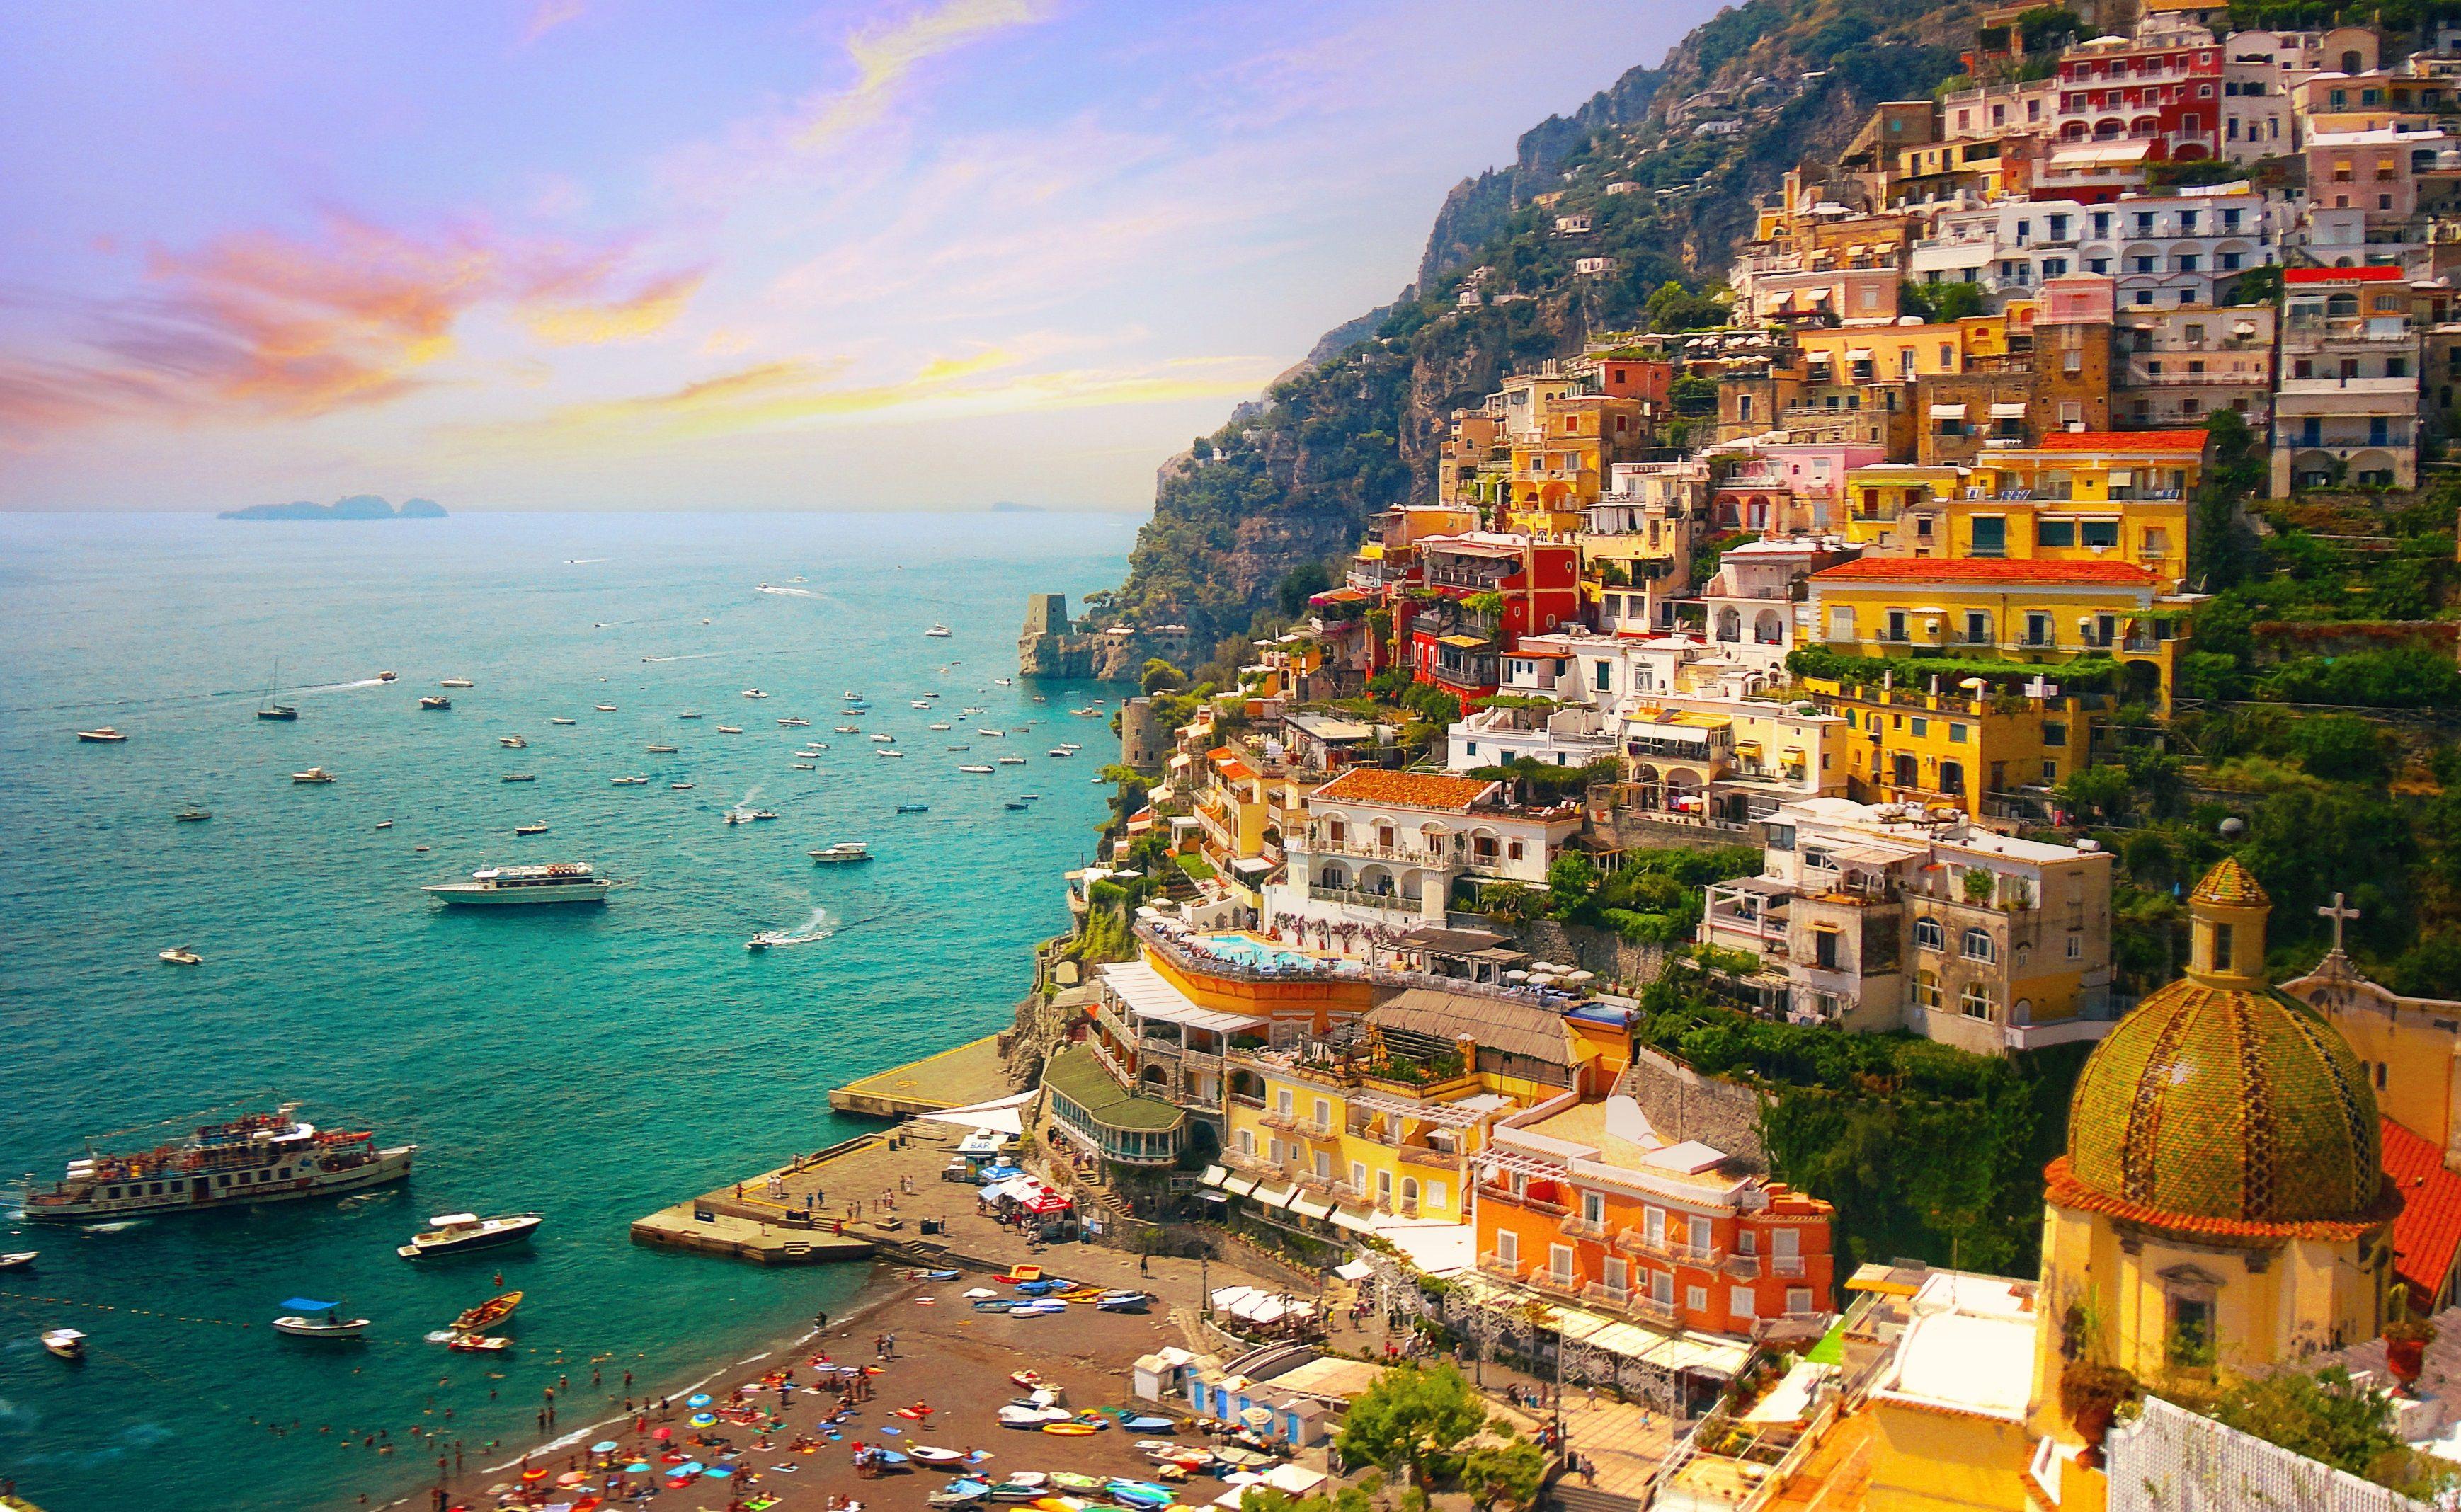 Alcuni buoni motivi per andare in Costiera Amalfitana 3e178221ee0